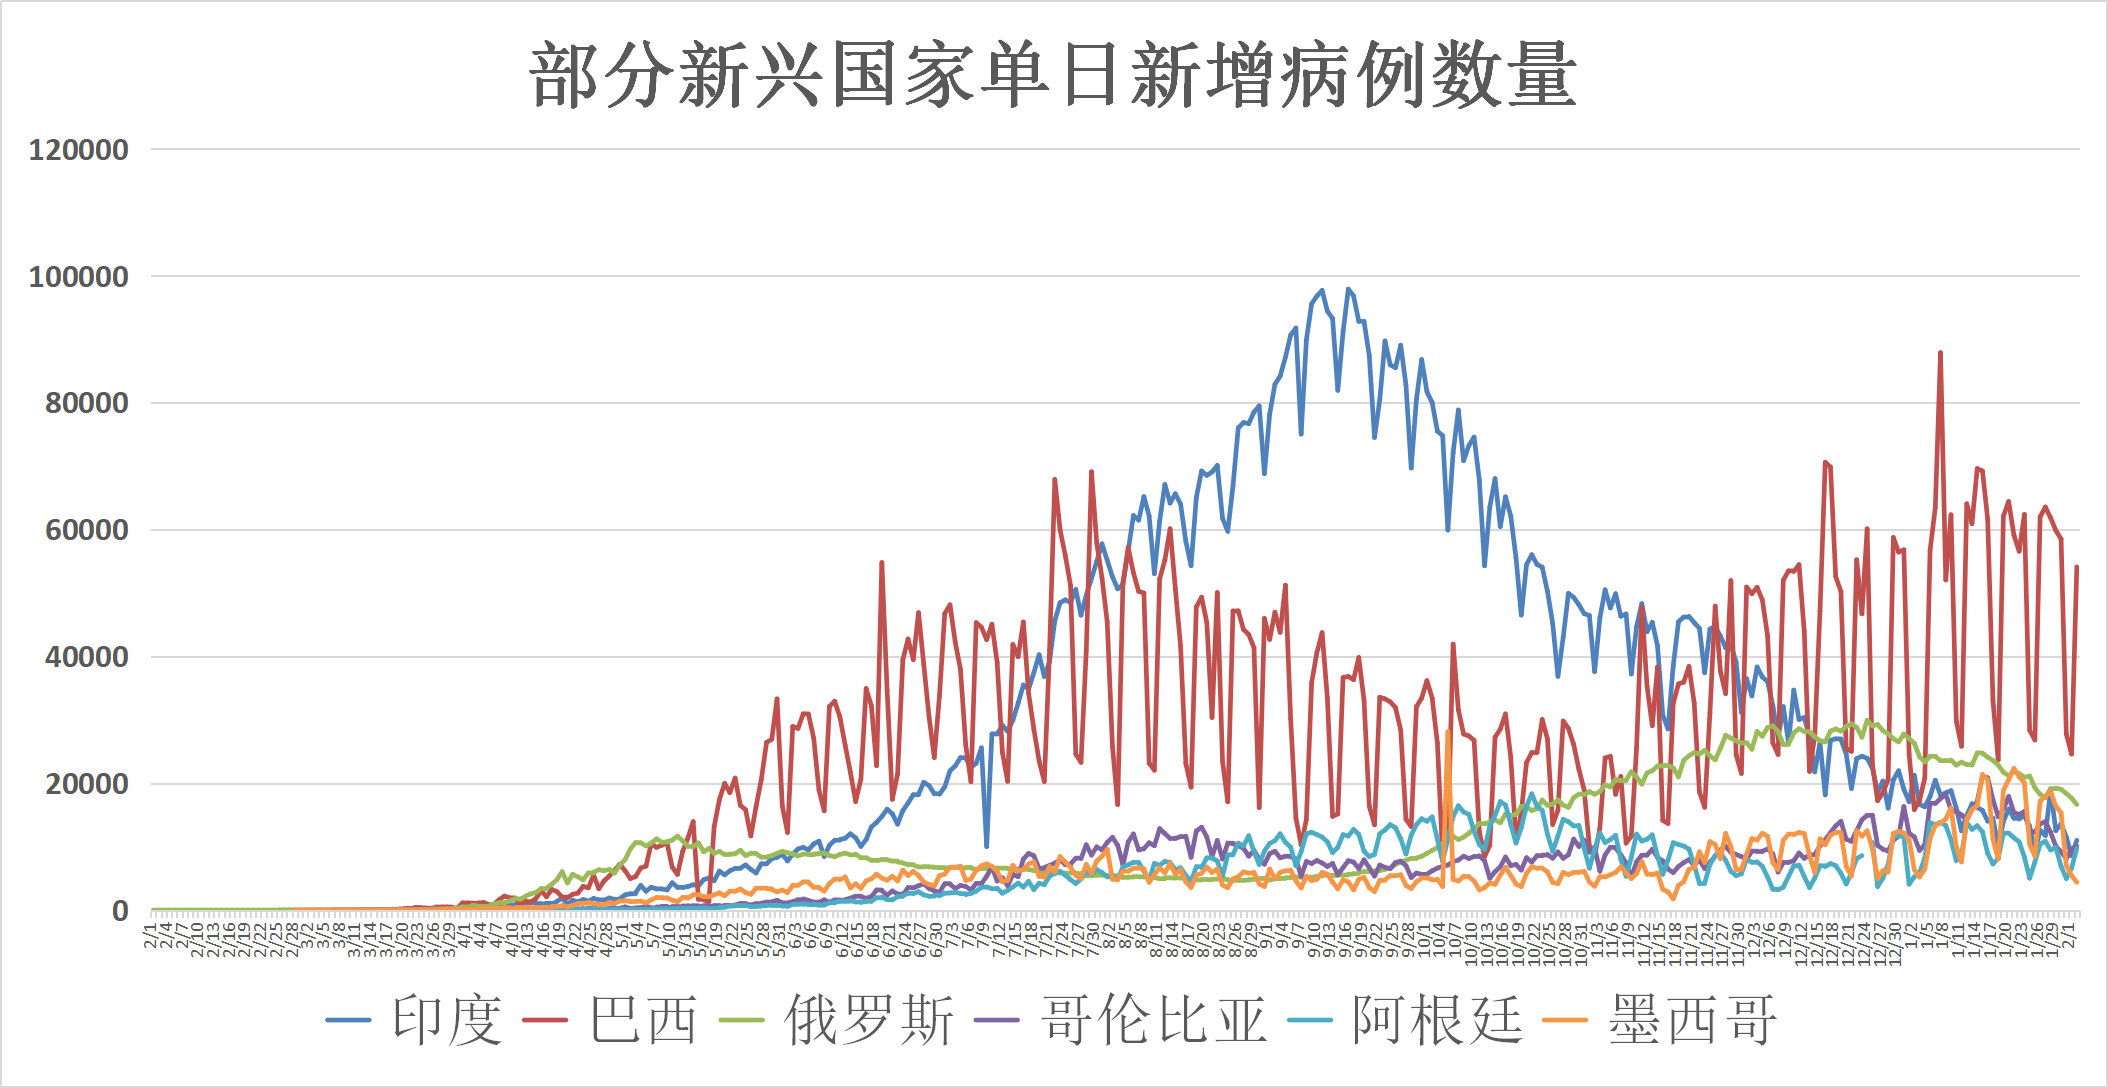 全球疫情动态【2月3日】:死亡人数突破225万 研究显示中国两款疫苗对南非变种病毒有效